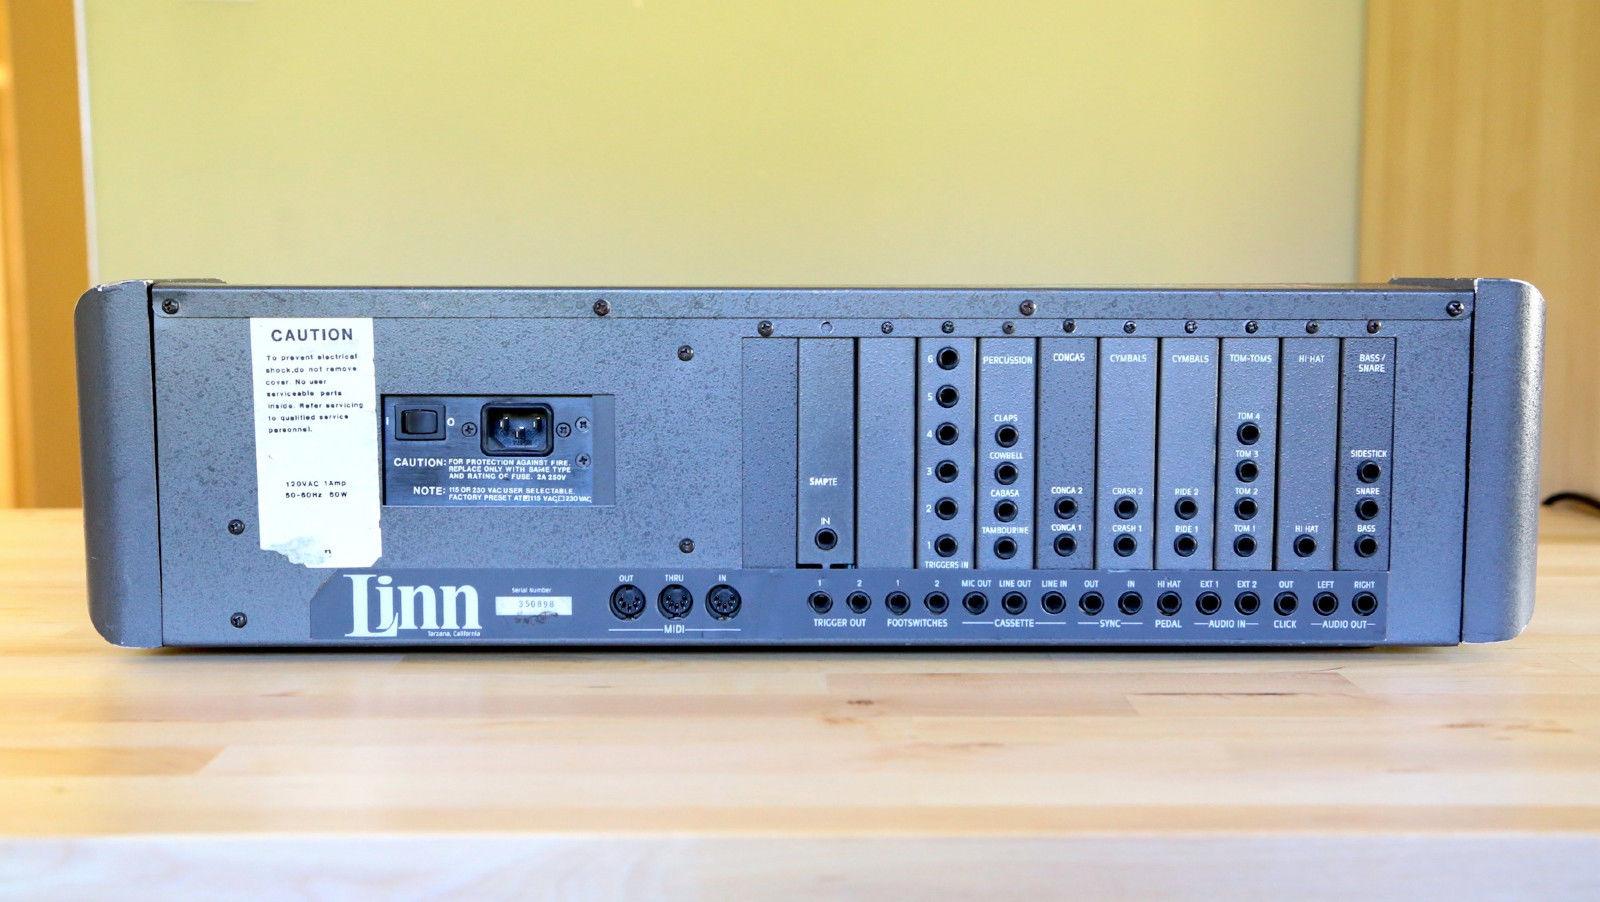 computer lm-1 the linn drum